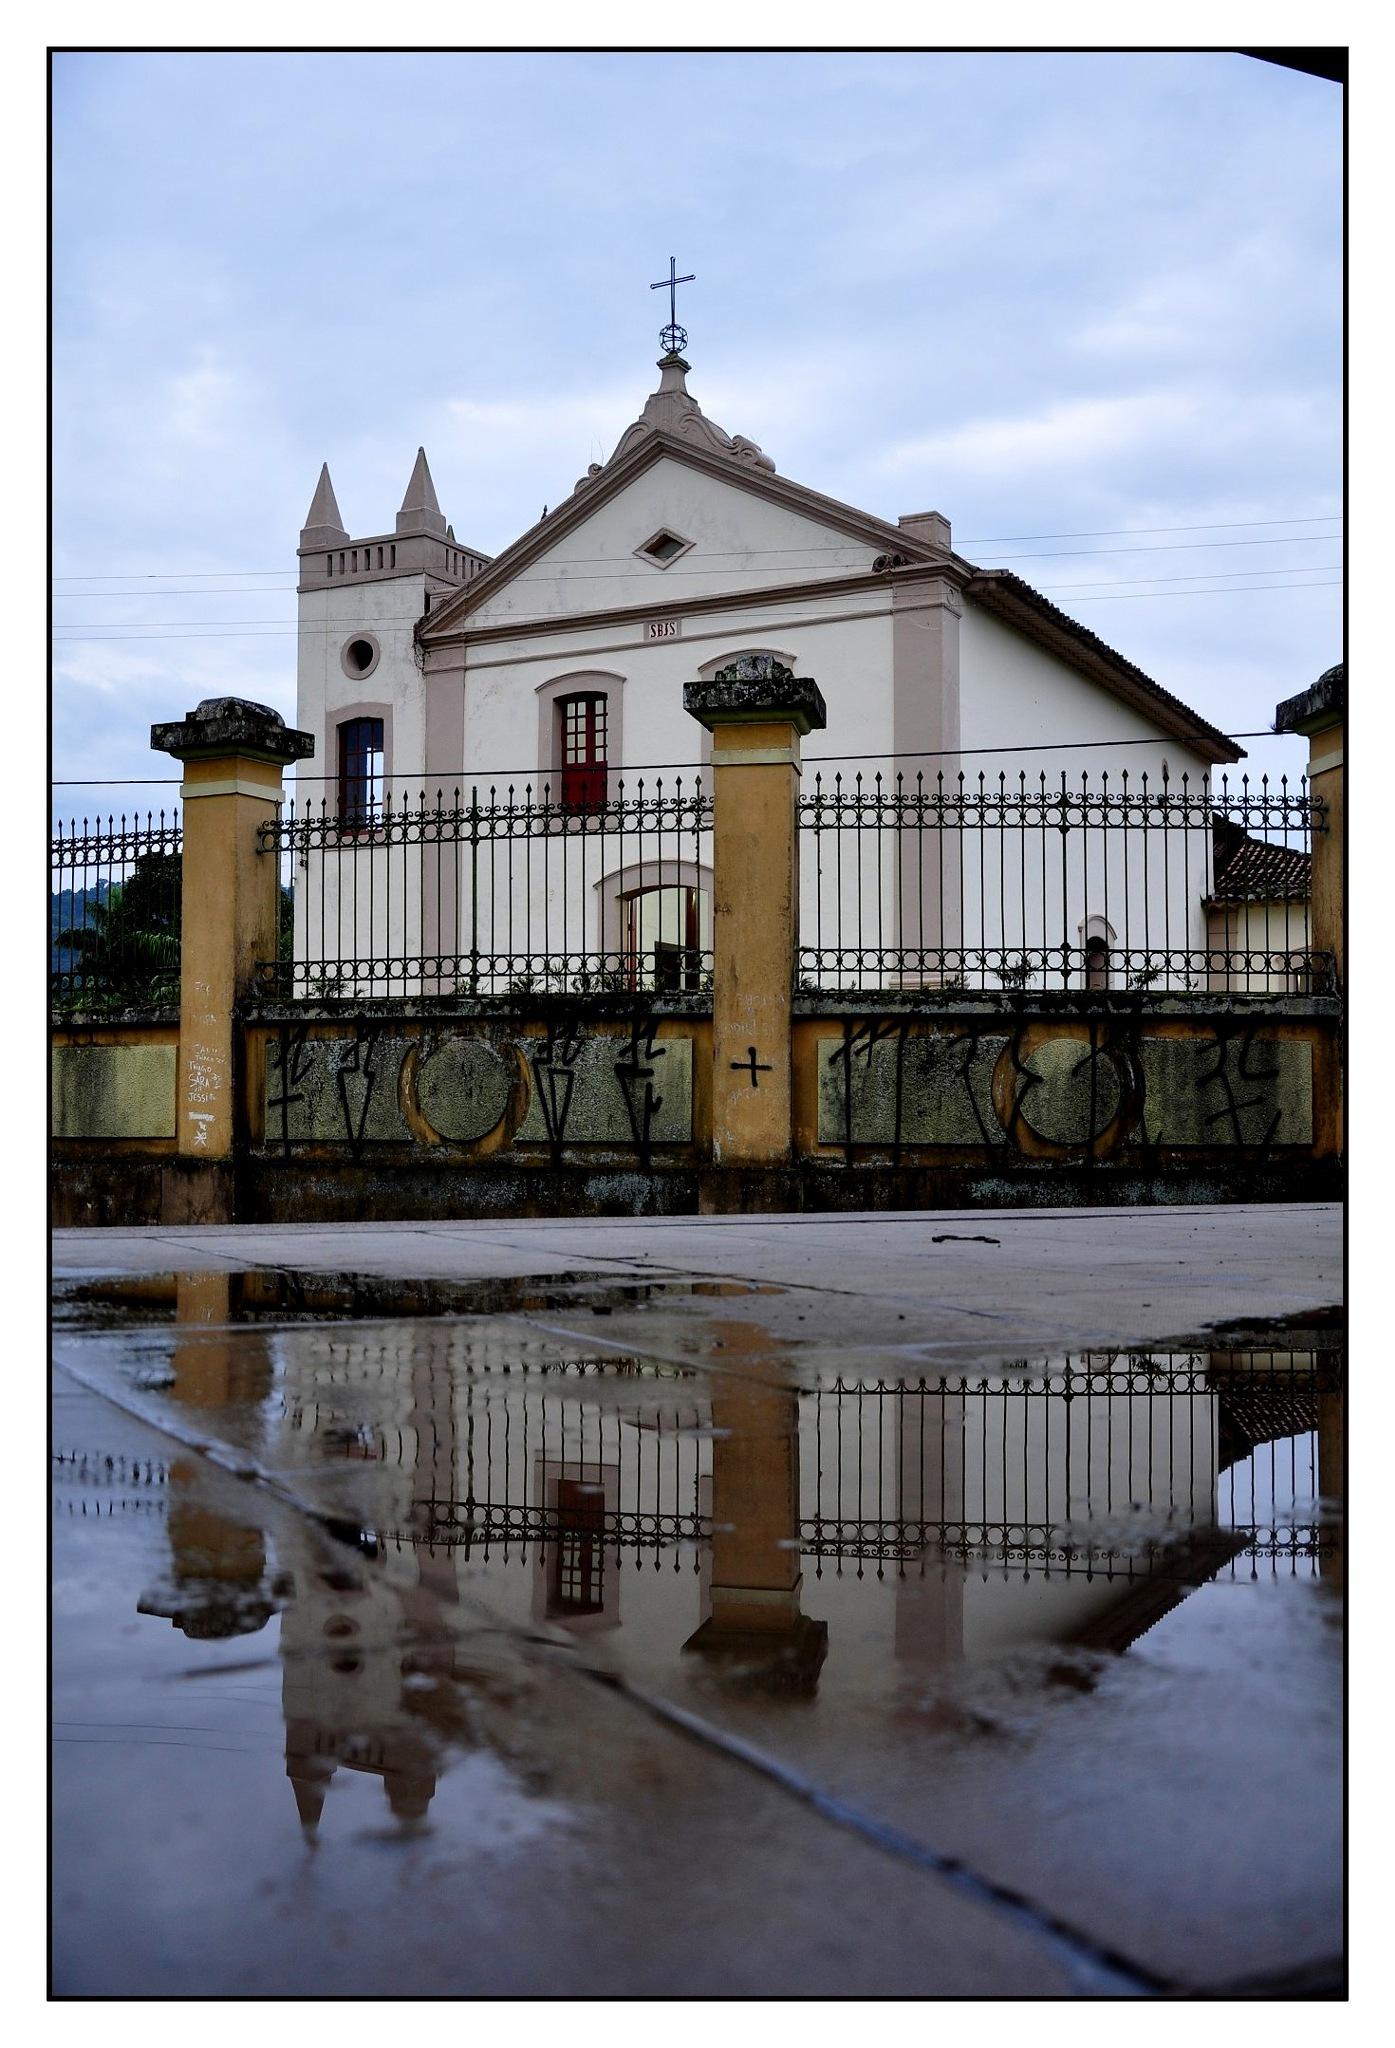 Capela by José Evaldo Suassuna de Oliveira